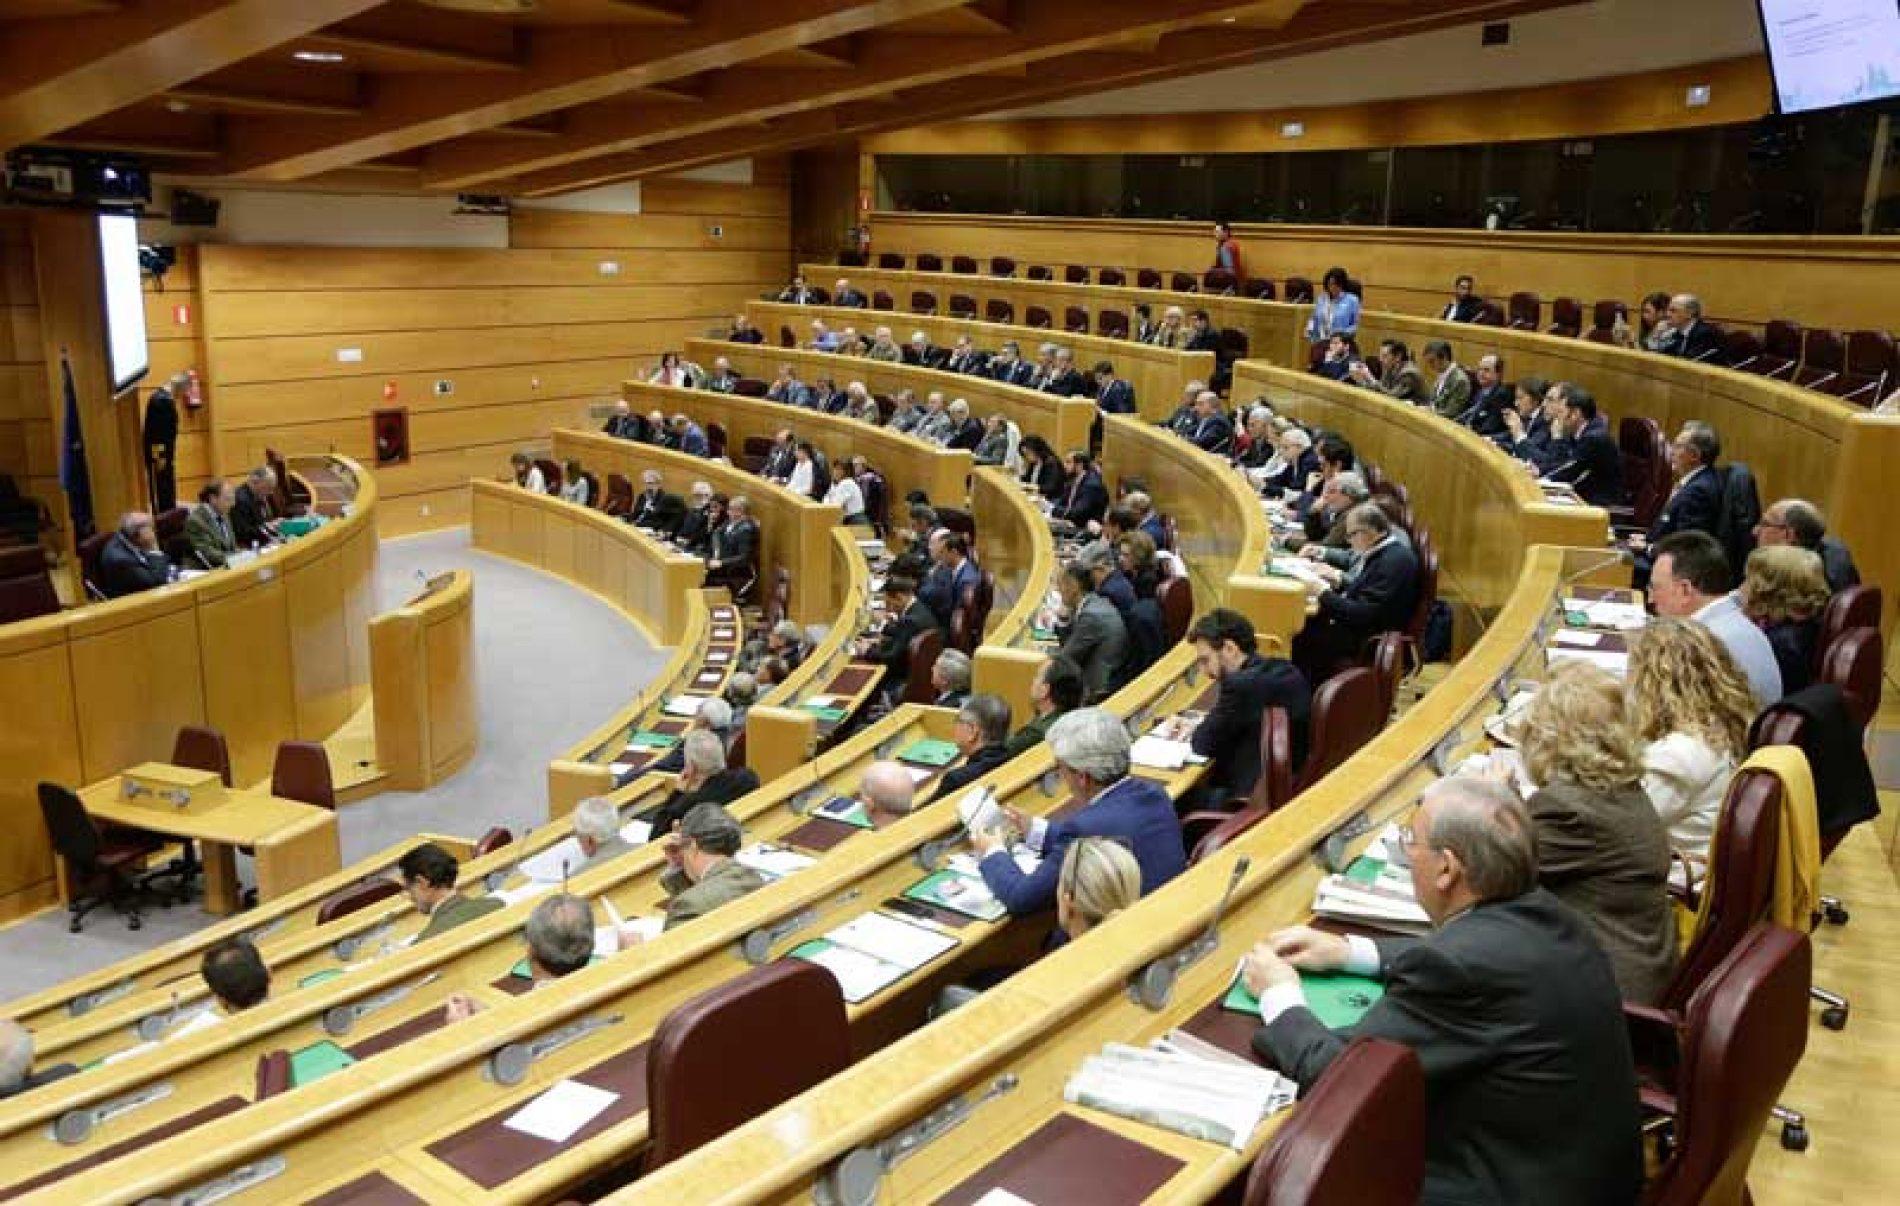 La RFEC defiende la tradición cinegética en el I Simposio Internacional 'Los hombres y los animales: un debate de sociedad y una cuestión de derechos'